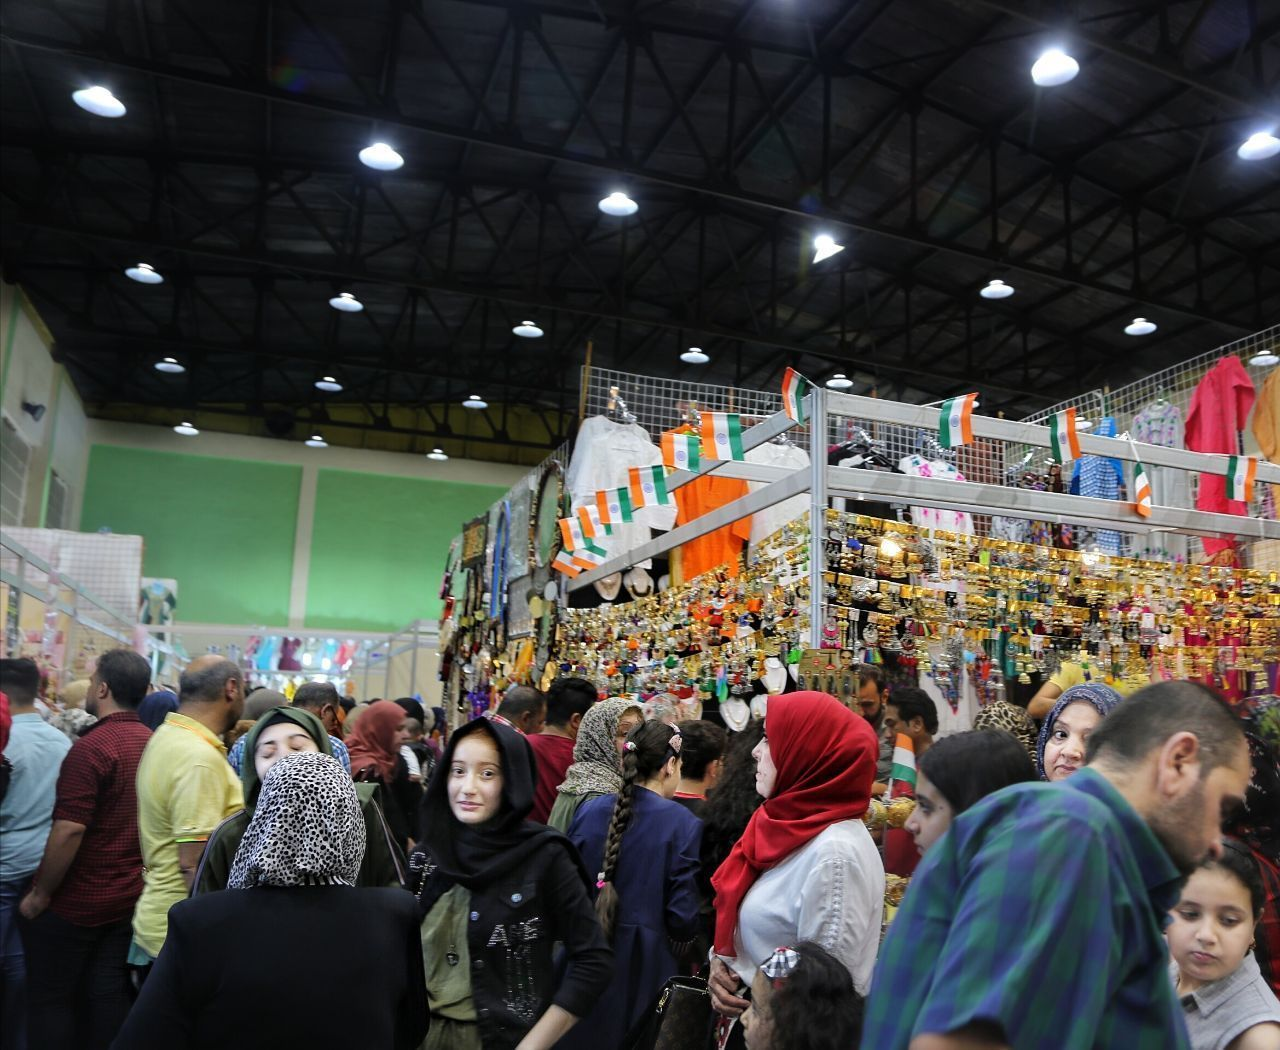 المهرجان الدولي الذي أقيم بين العراق، وجمهورية مصر العربية، في جامعة الموصل